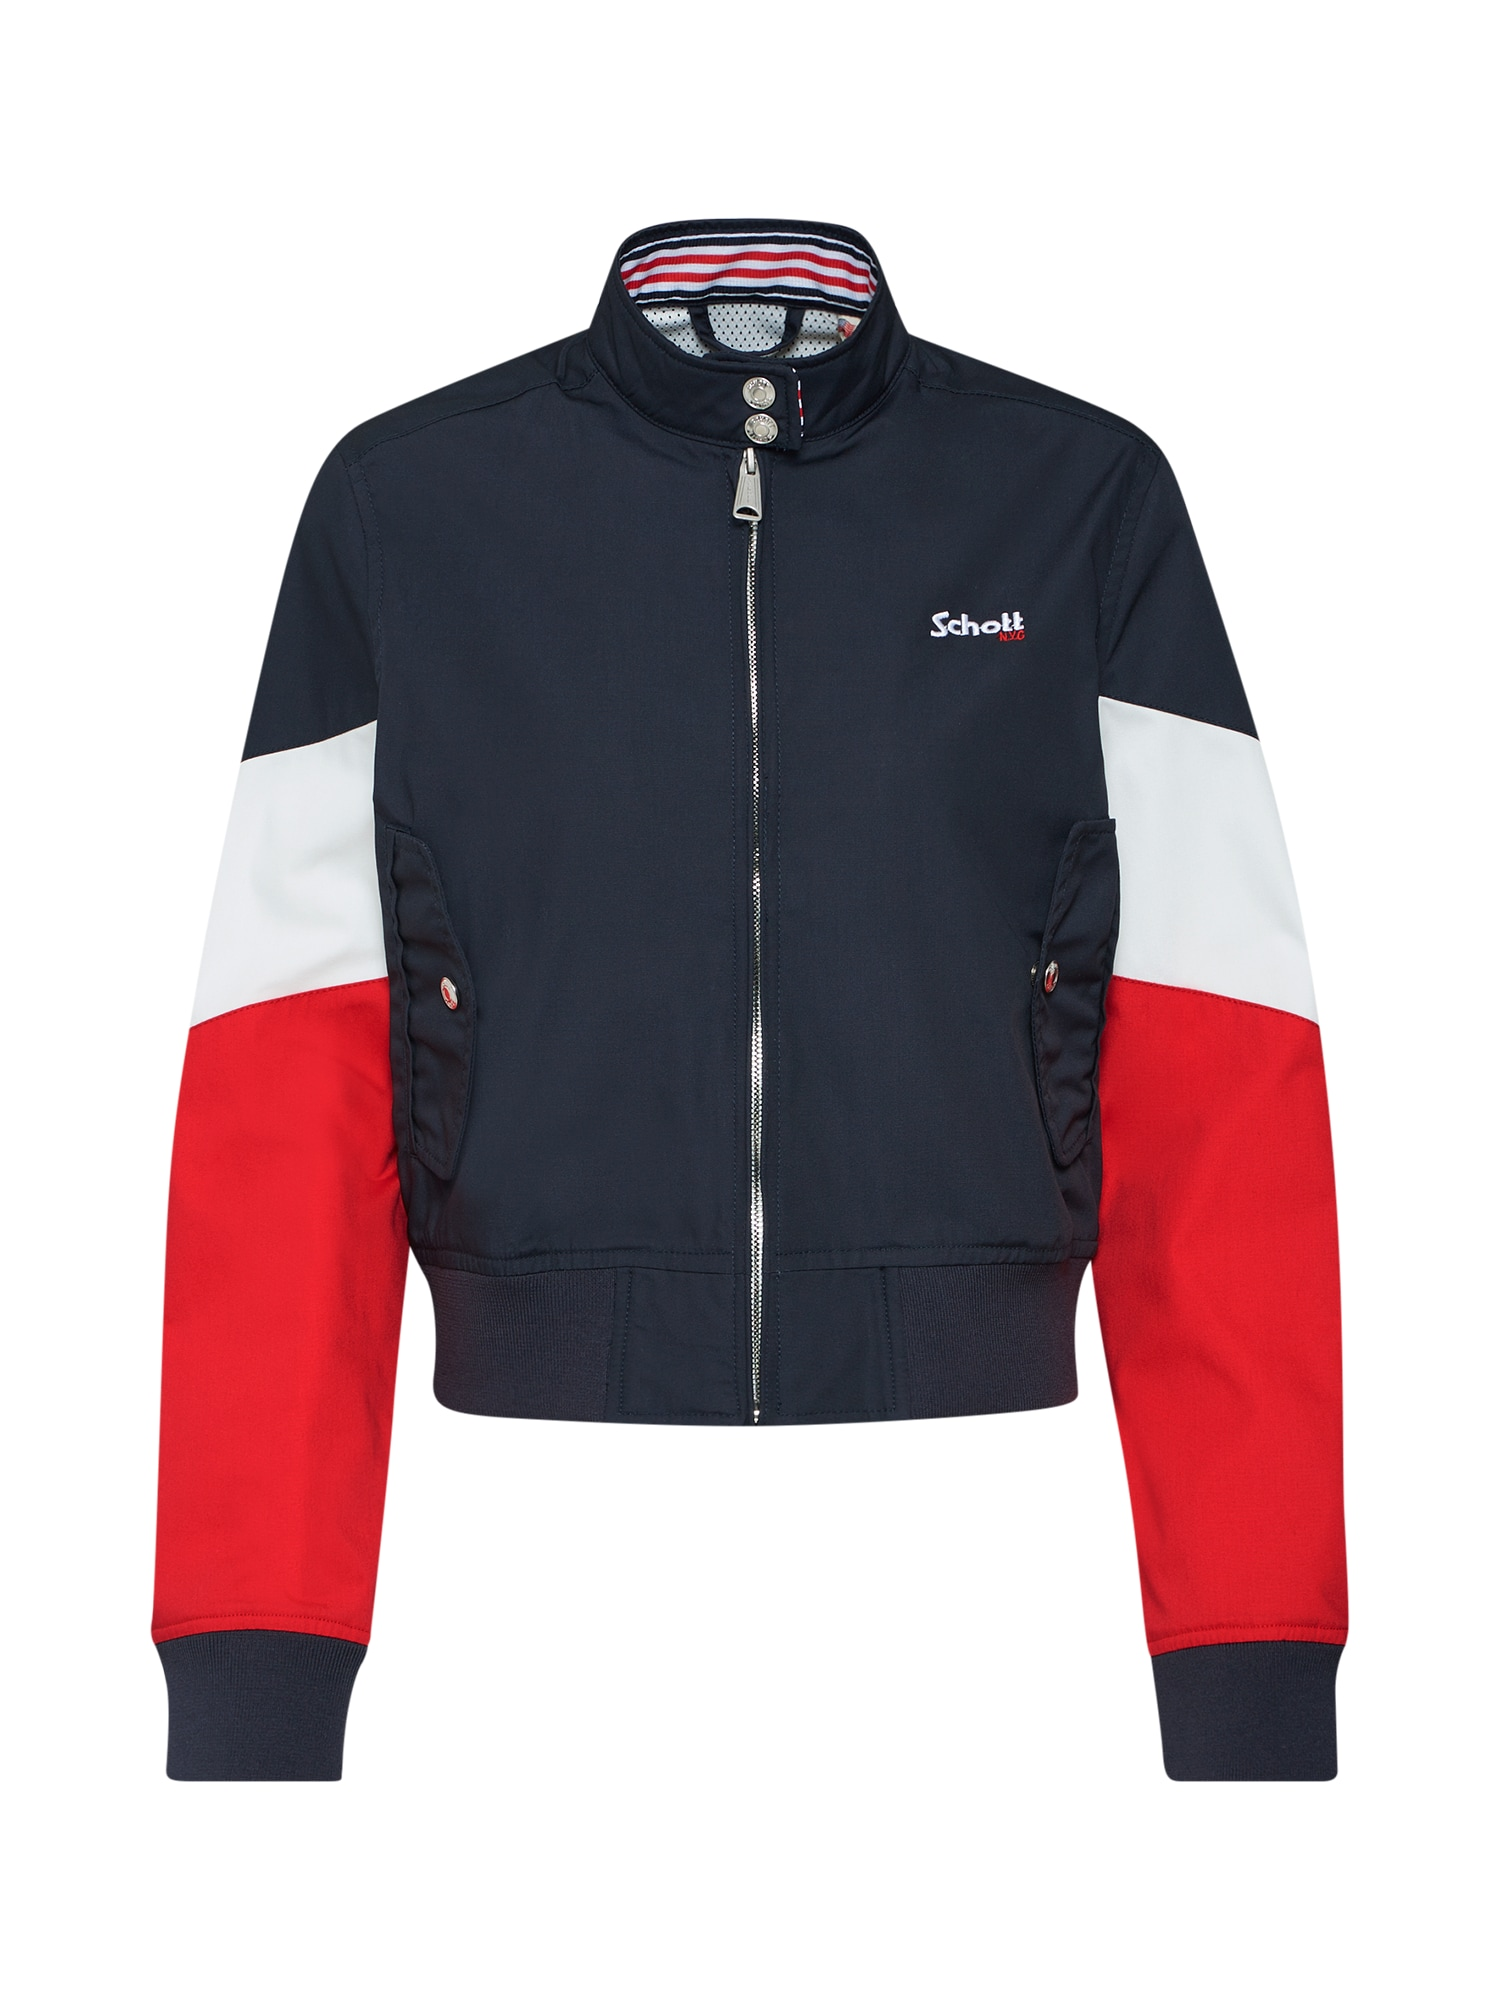 Přechodná bunda JKT Cabl 90W námořnická modř červená bílá Schott NYC